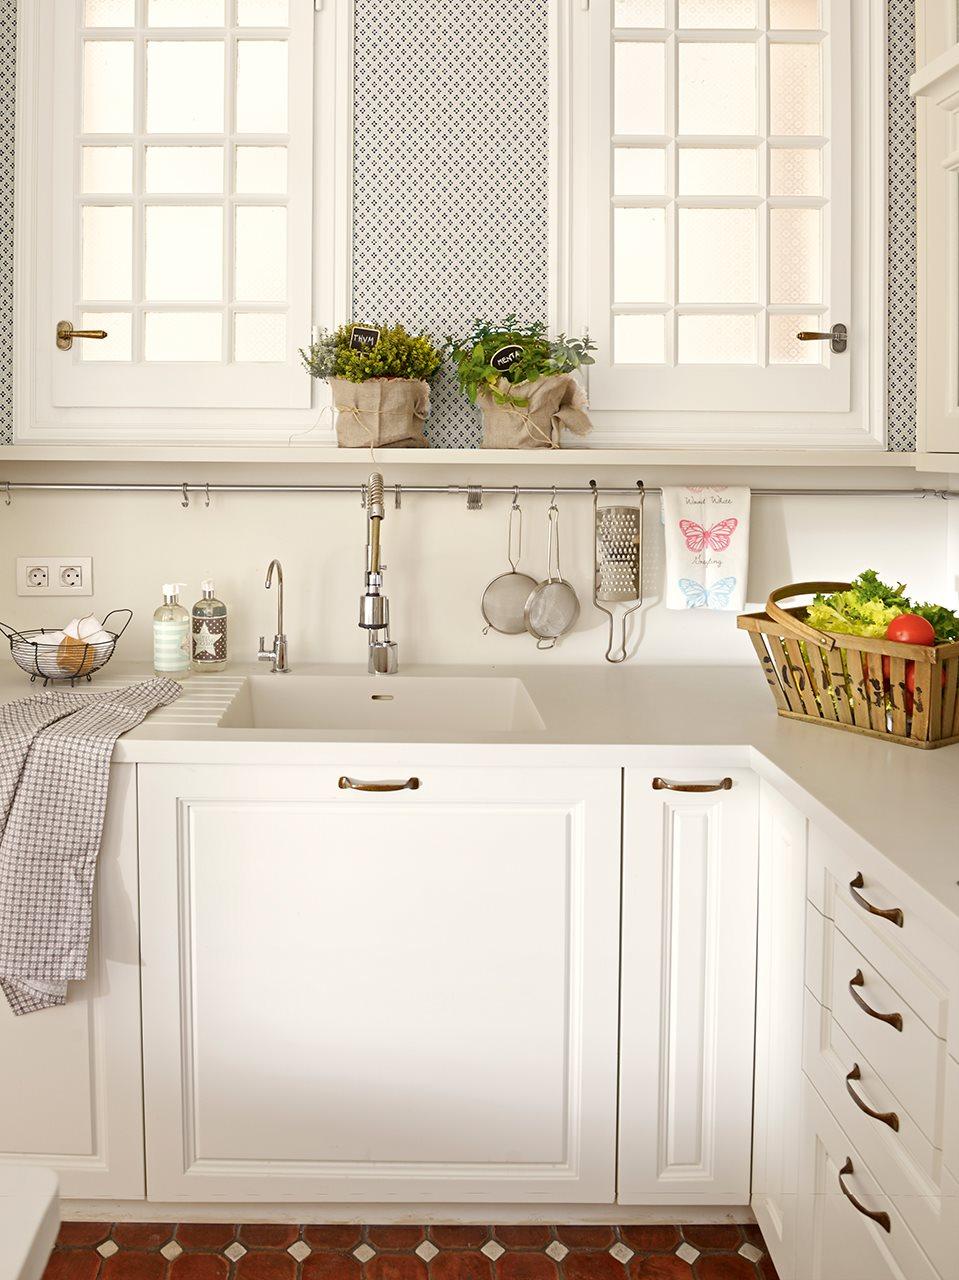 C mo es una cocina peque a bien aprovechada - Cocinas con campana decorativa ...